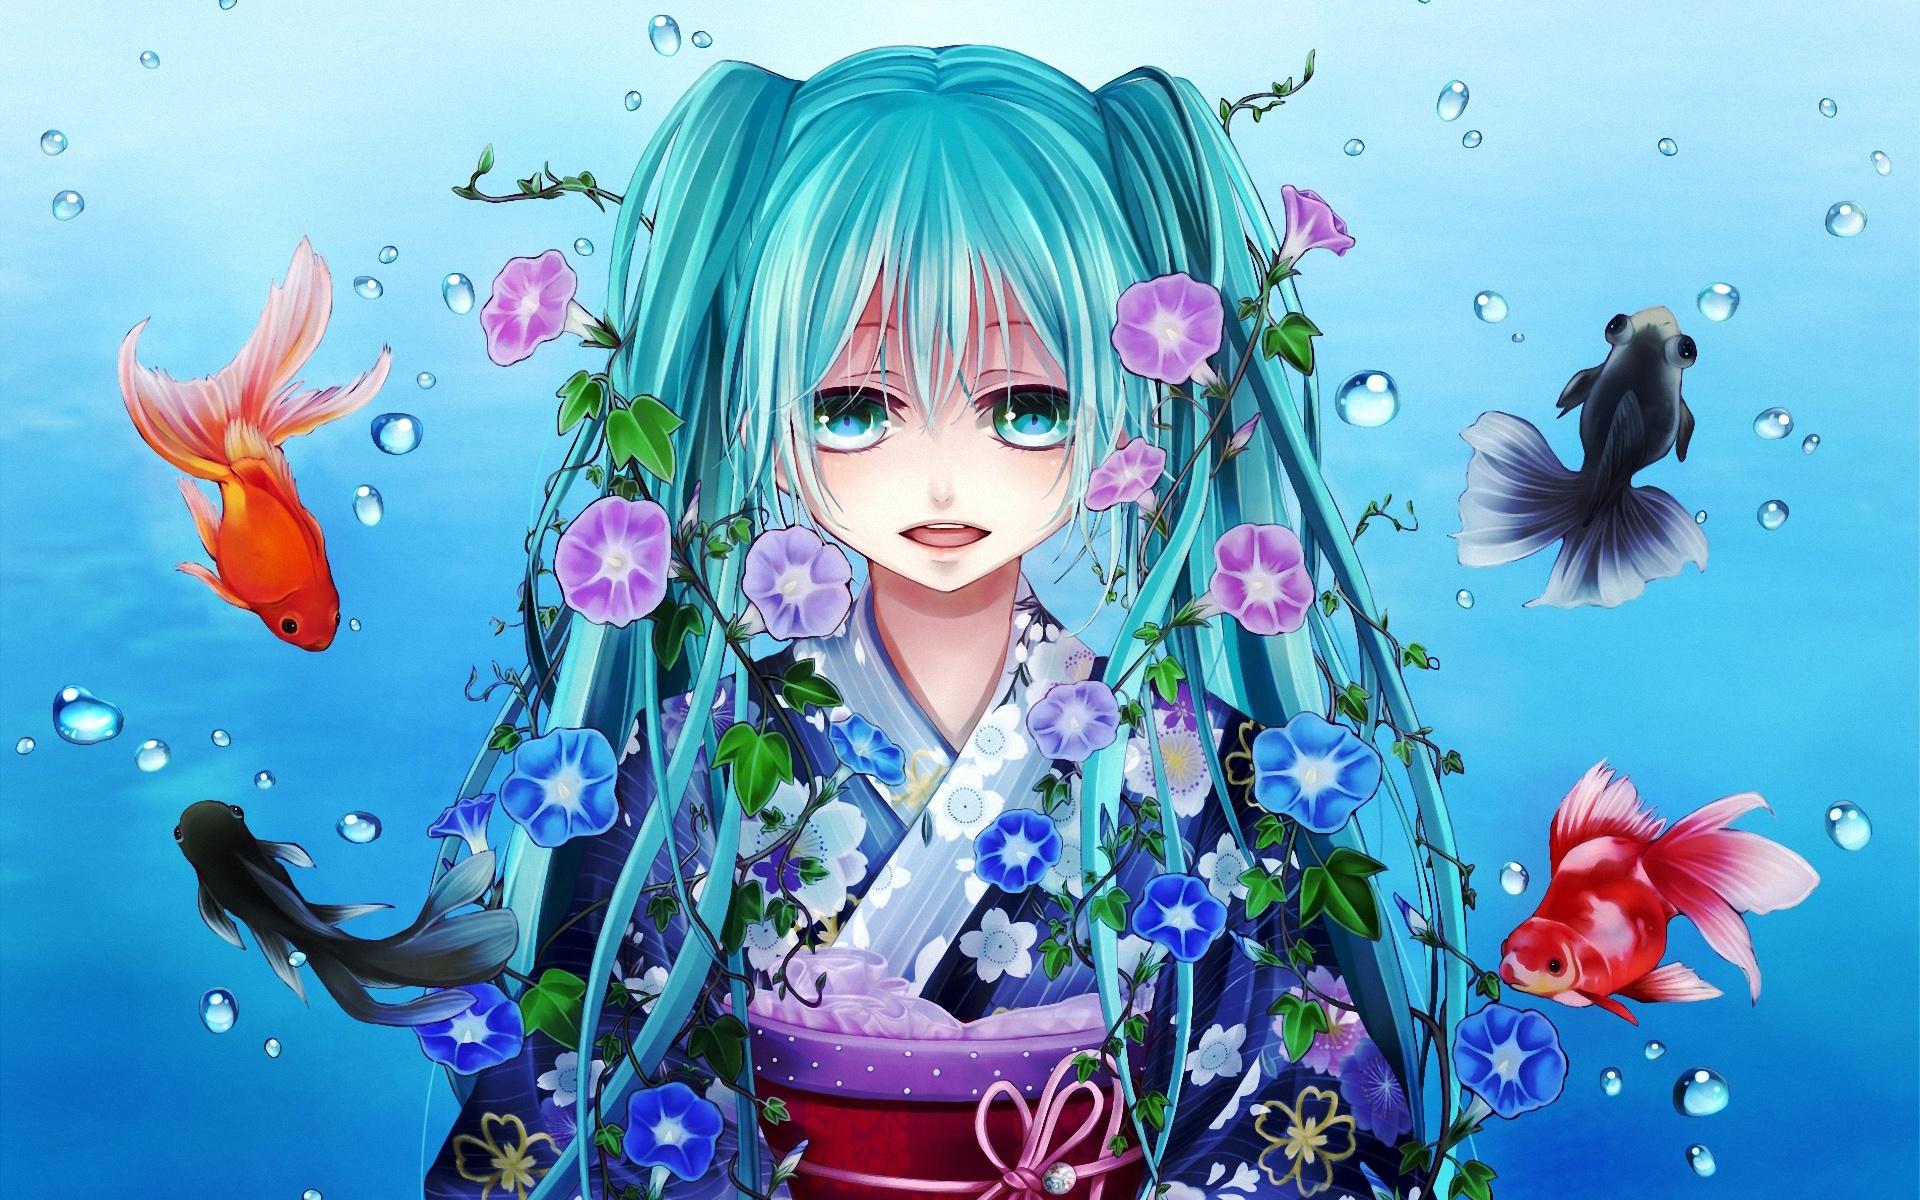 壁紙 初音ミク青い髪の少女魚水花 1920x1200 Hd 無料の